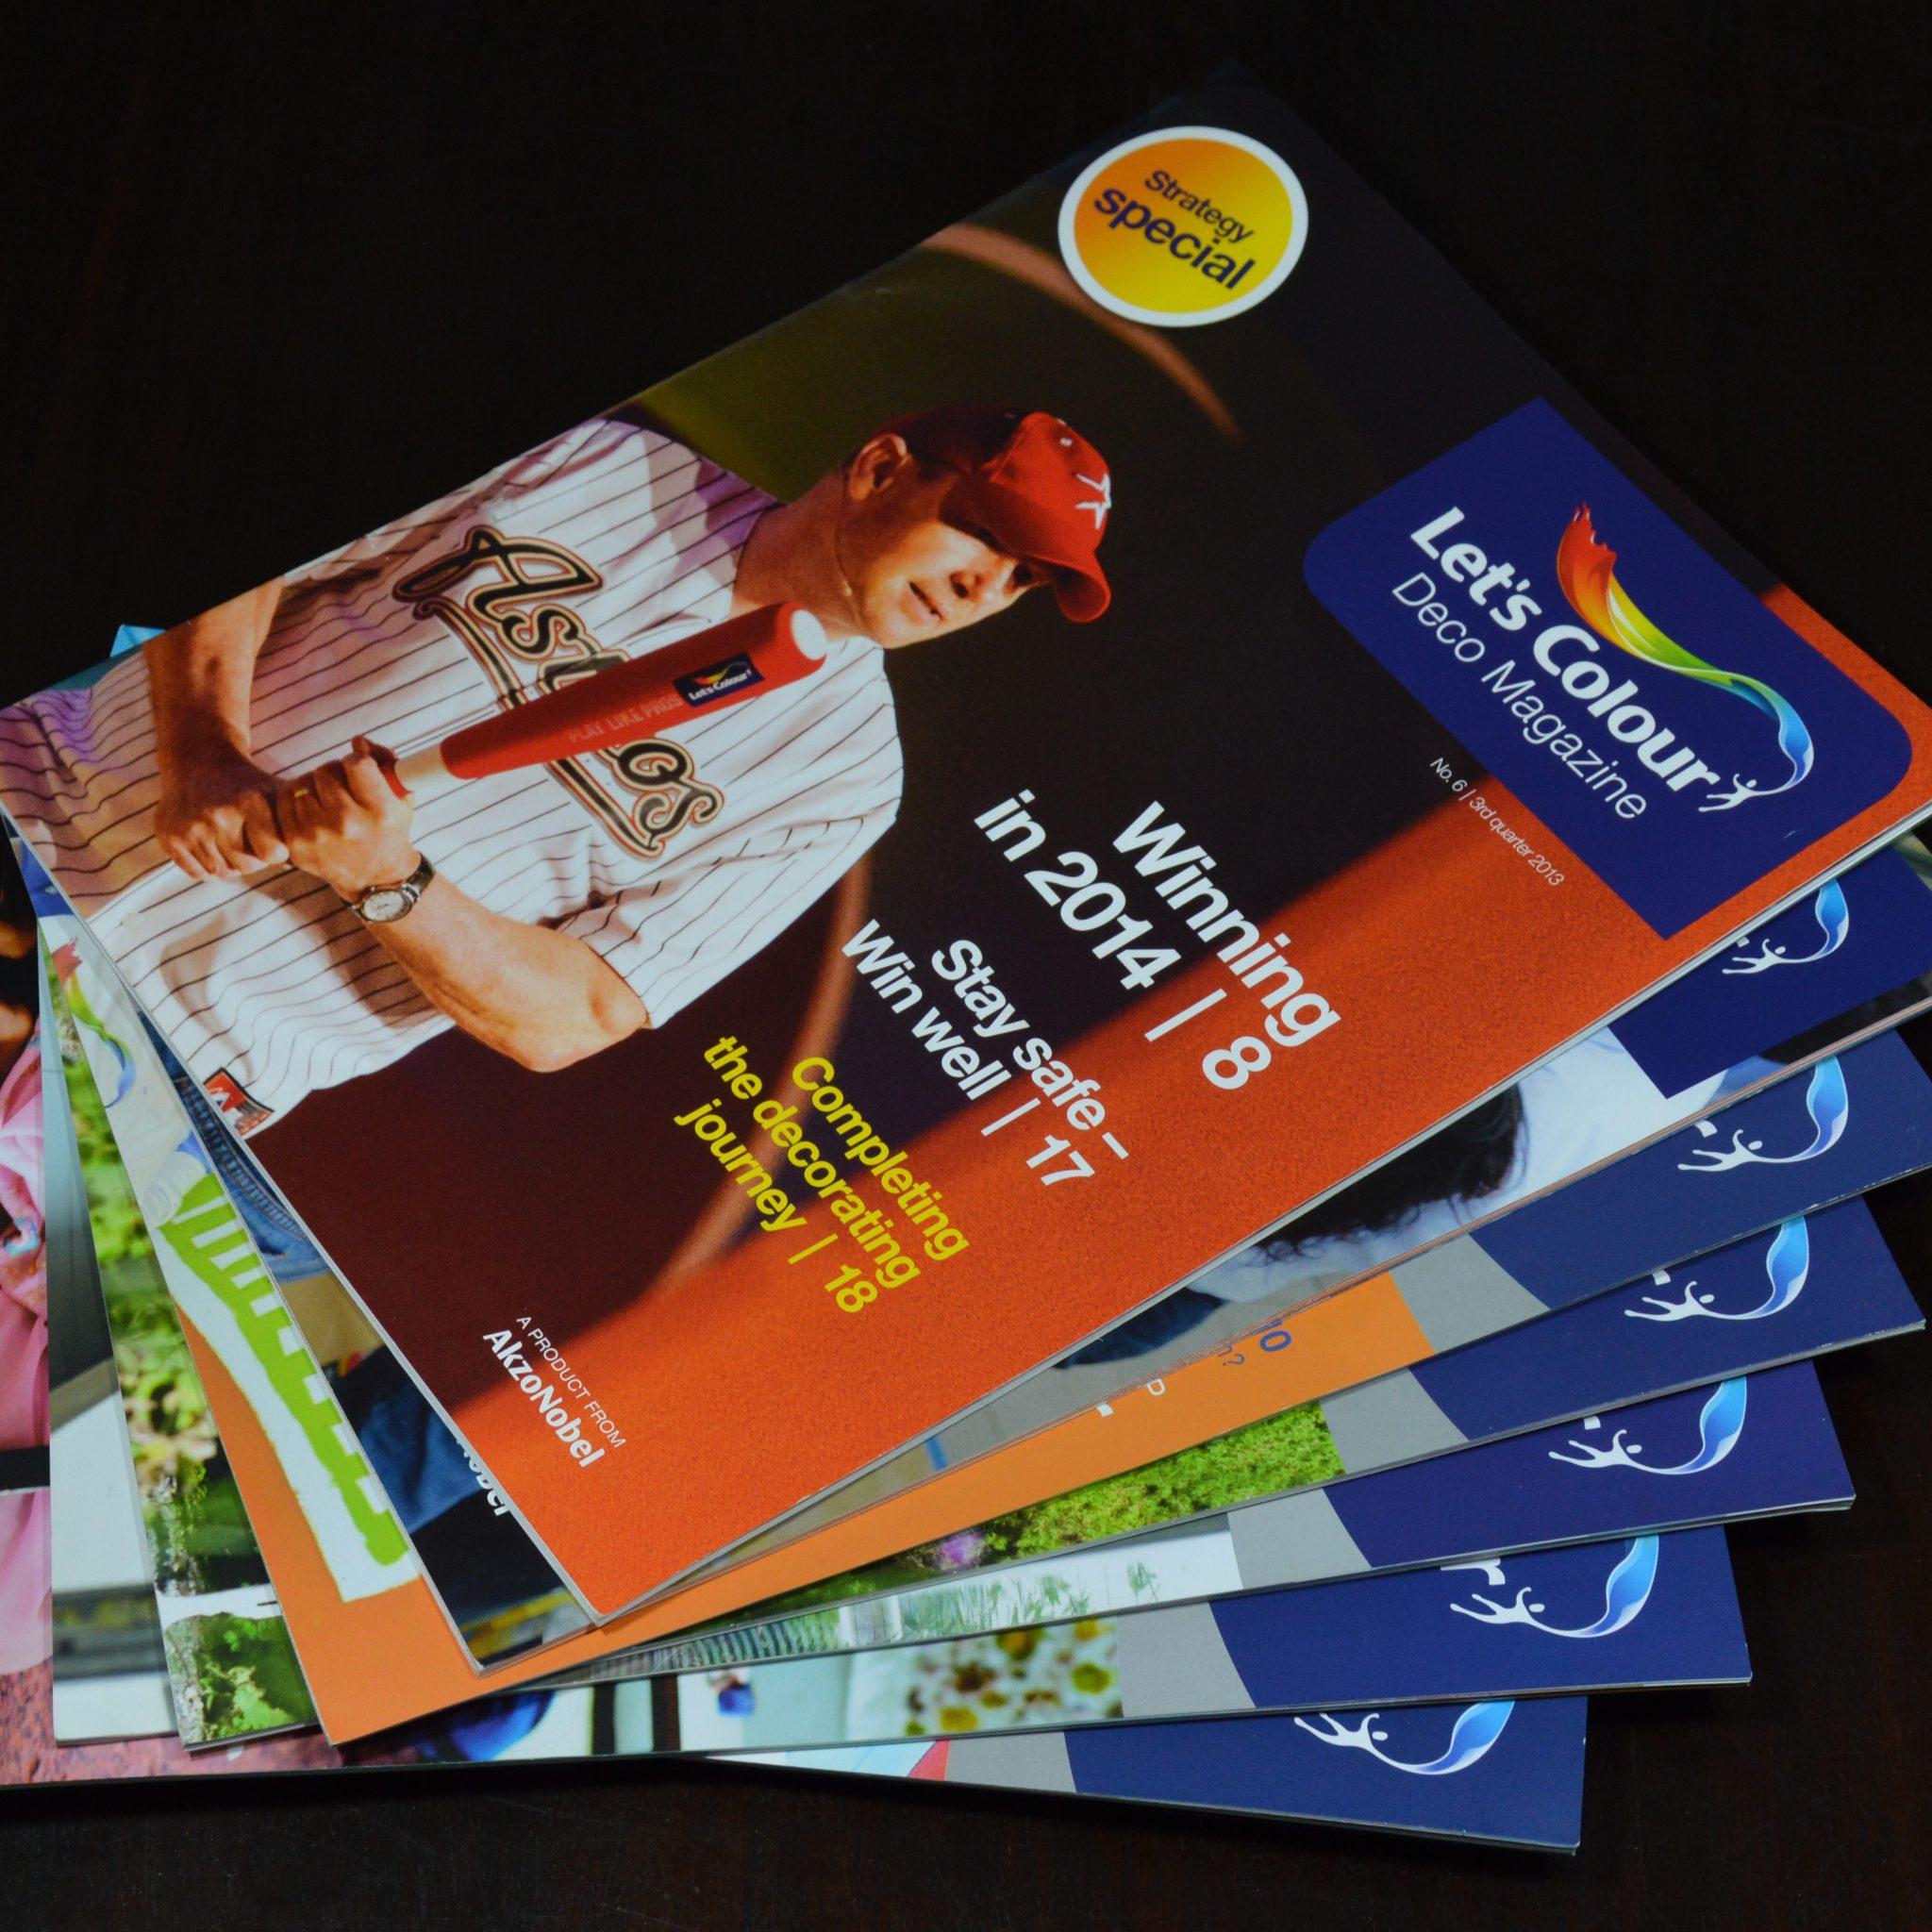 Hoofdredactie; redactie; personeelsblad; management magazine